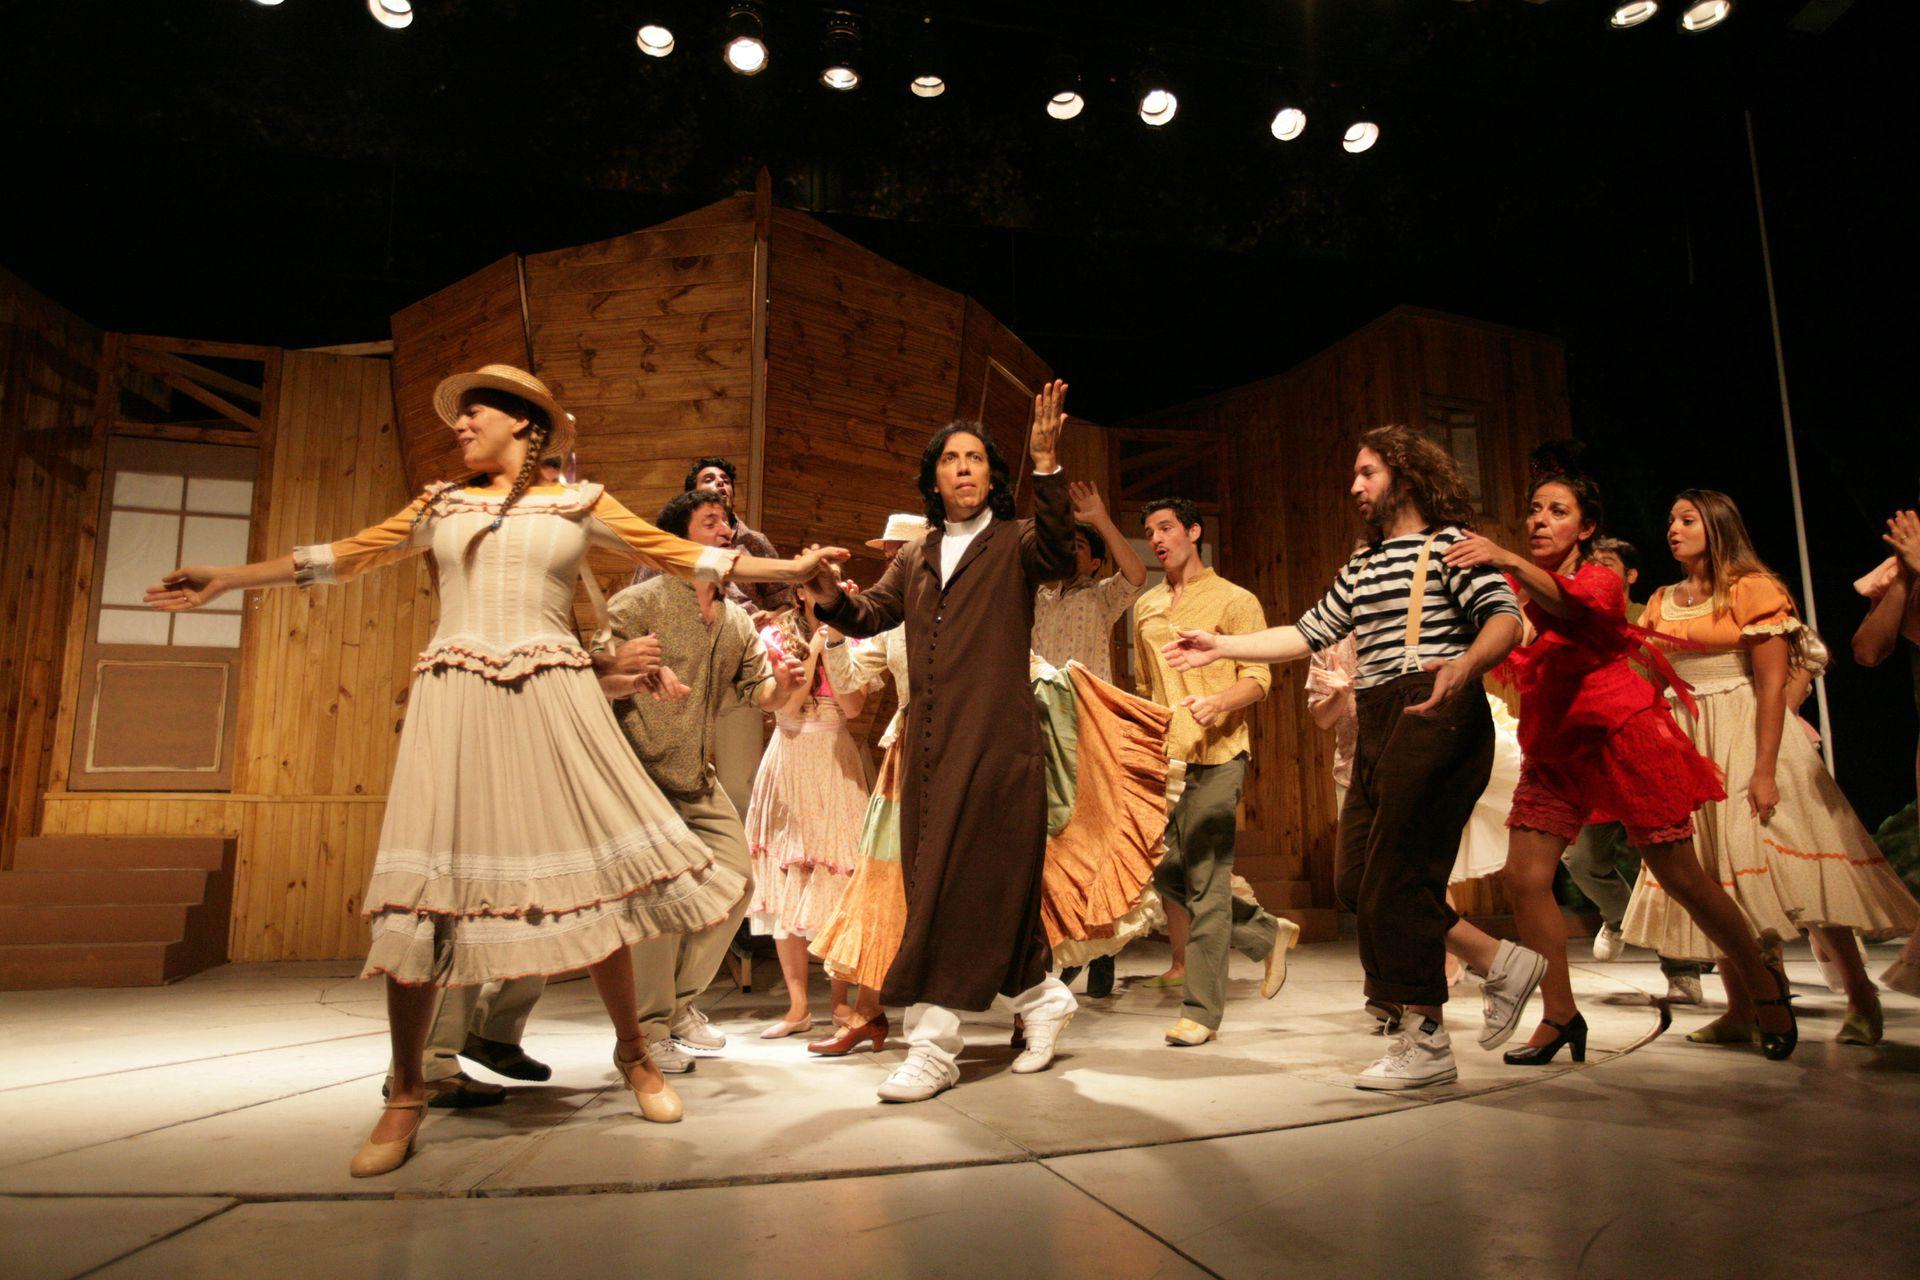 El diluvio que viene, en el teatro Tronador, en diciembre de 2010